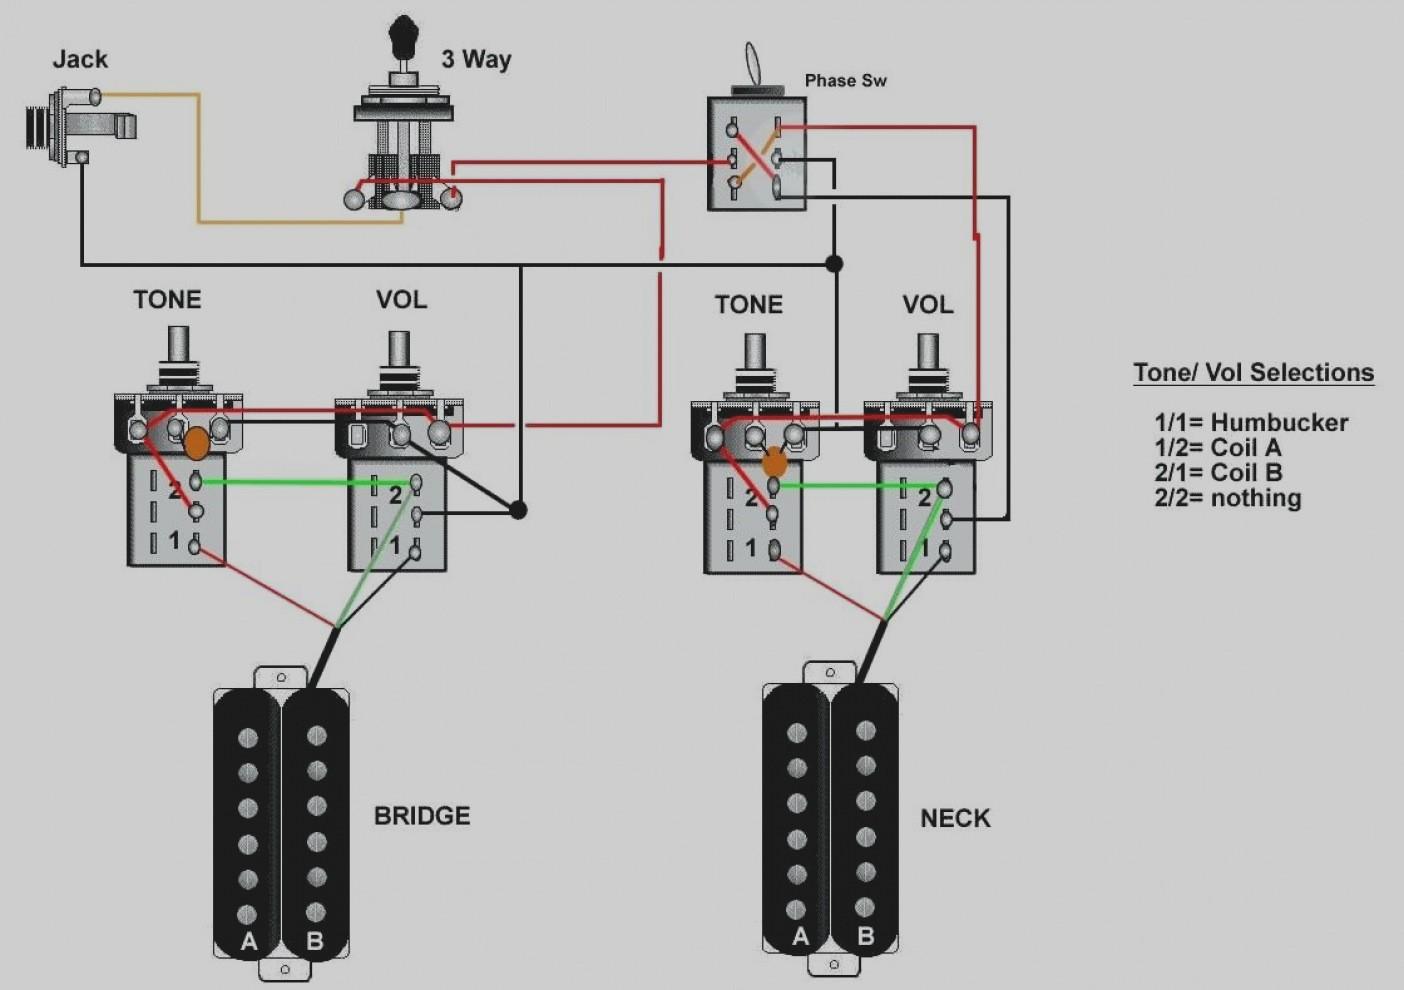 Jackson J90 Wiring Diagram - Wiring Schematics on